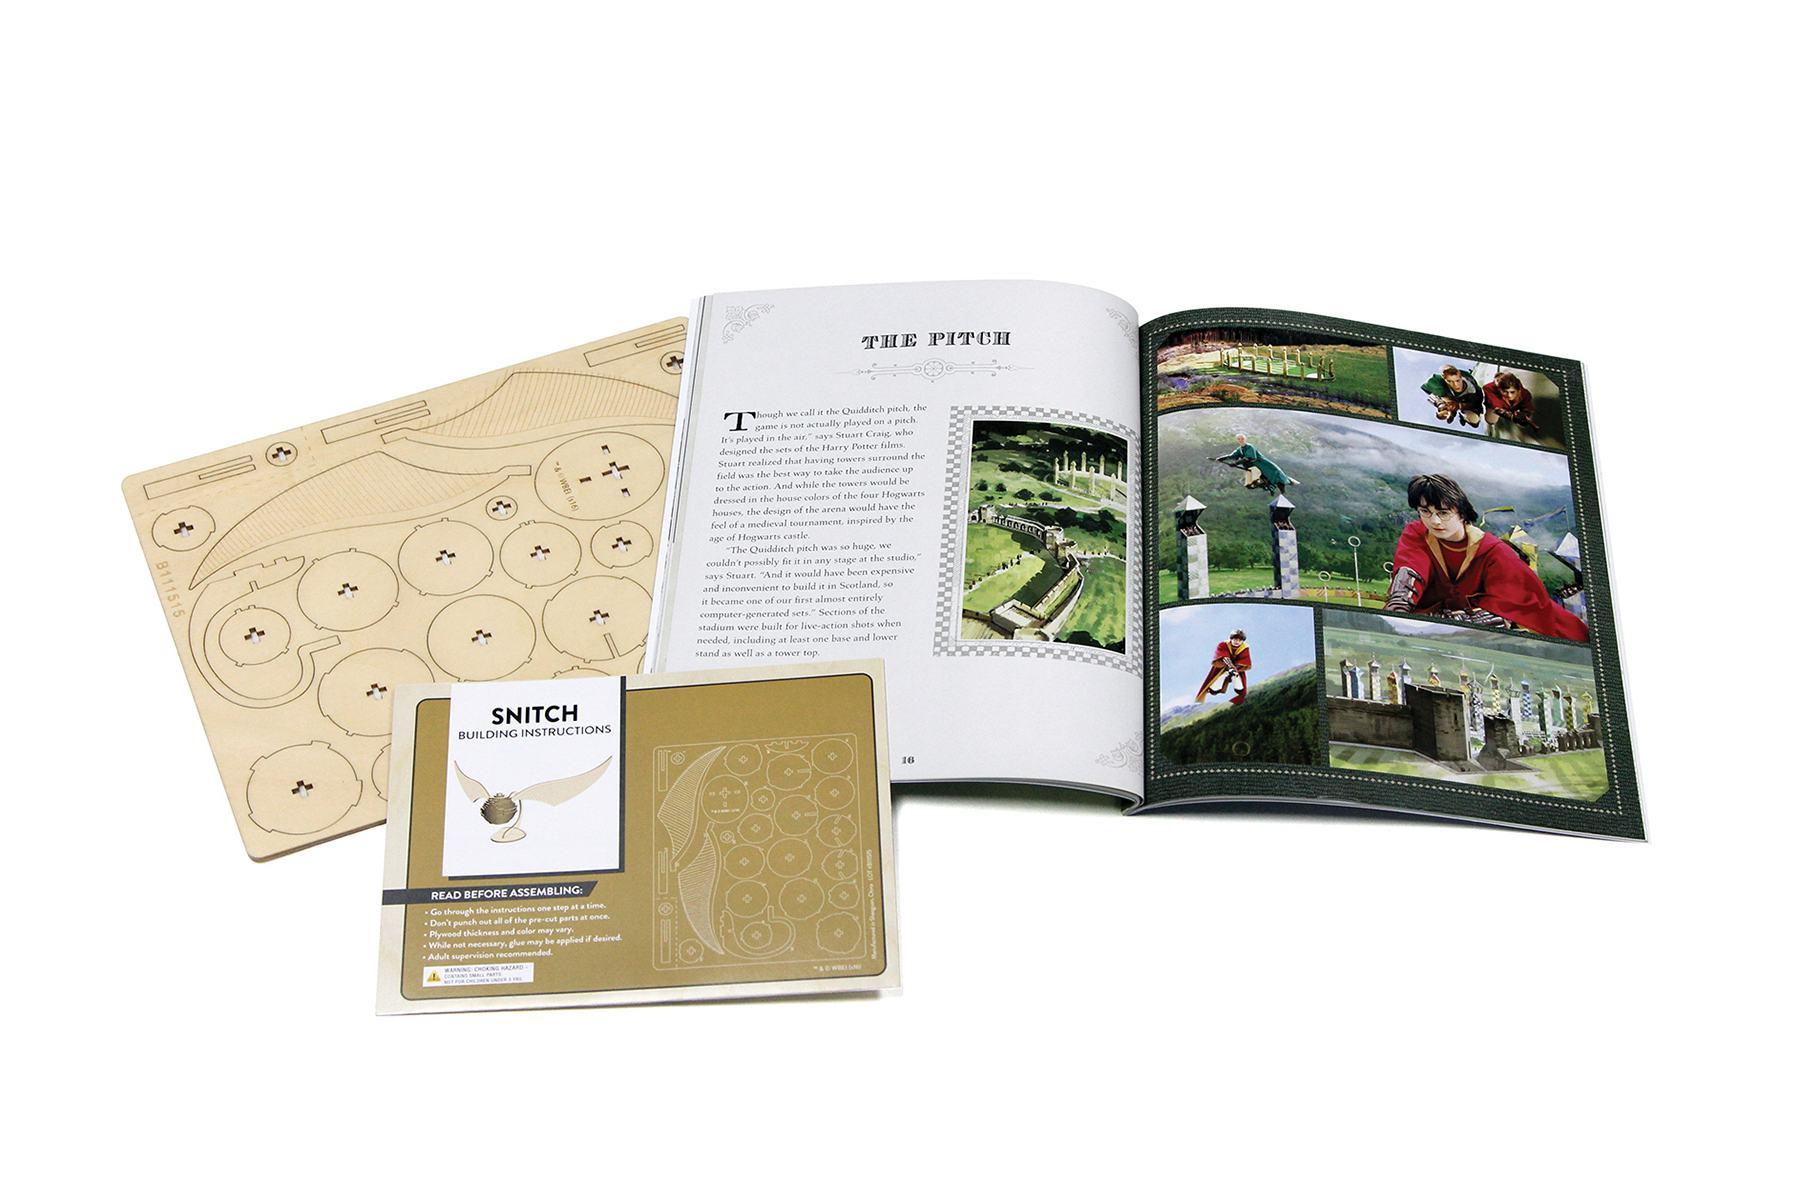 Der Goldene Schnatz Trivia Book Buch Trivial Wissen Knowledge Star Wars R2D2 On-Pack Co-Pack Druck Print Verpackung Schachtel Karton Packaging Box Starlite Veredelung Finish UV-Lack Colour 4c